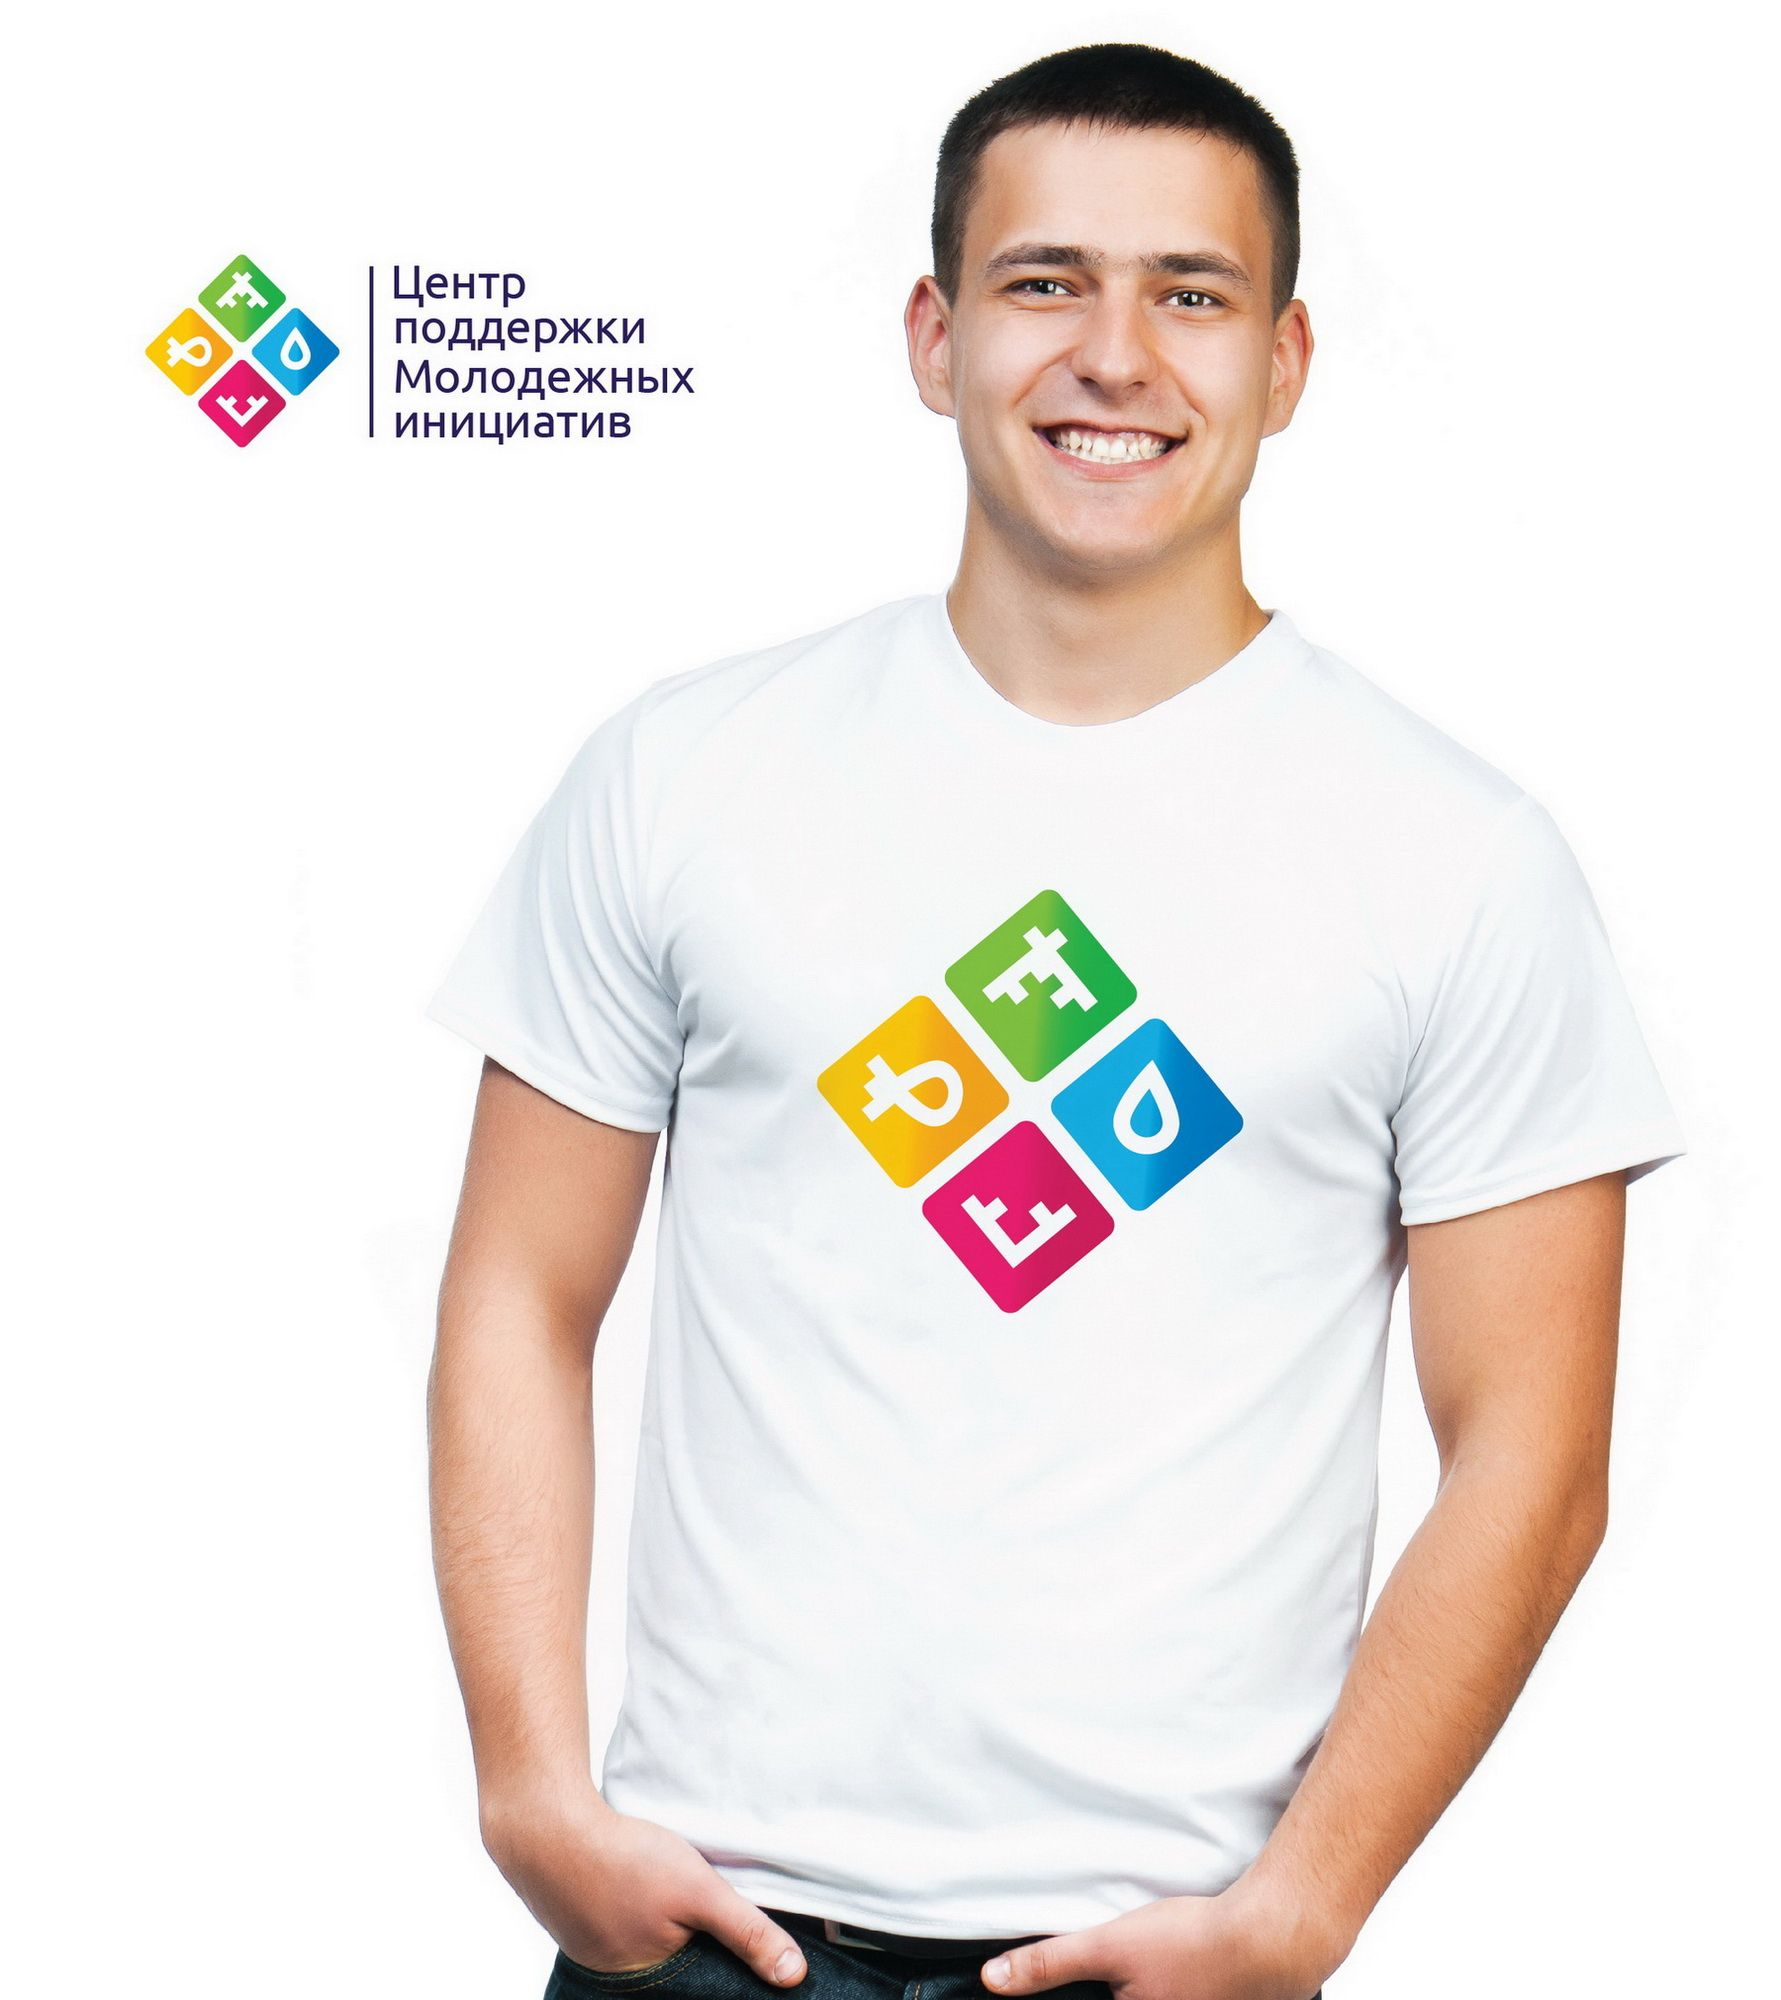 Логотип для Центра поддержки молодежных инициатив - дизайнер 25angel05